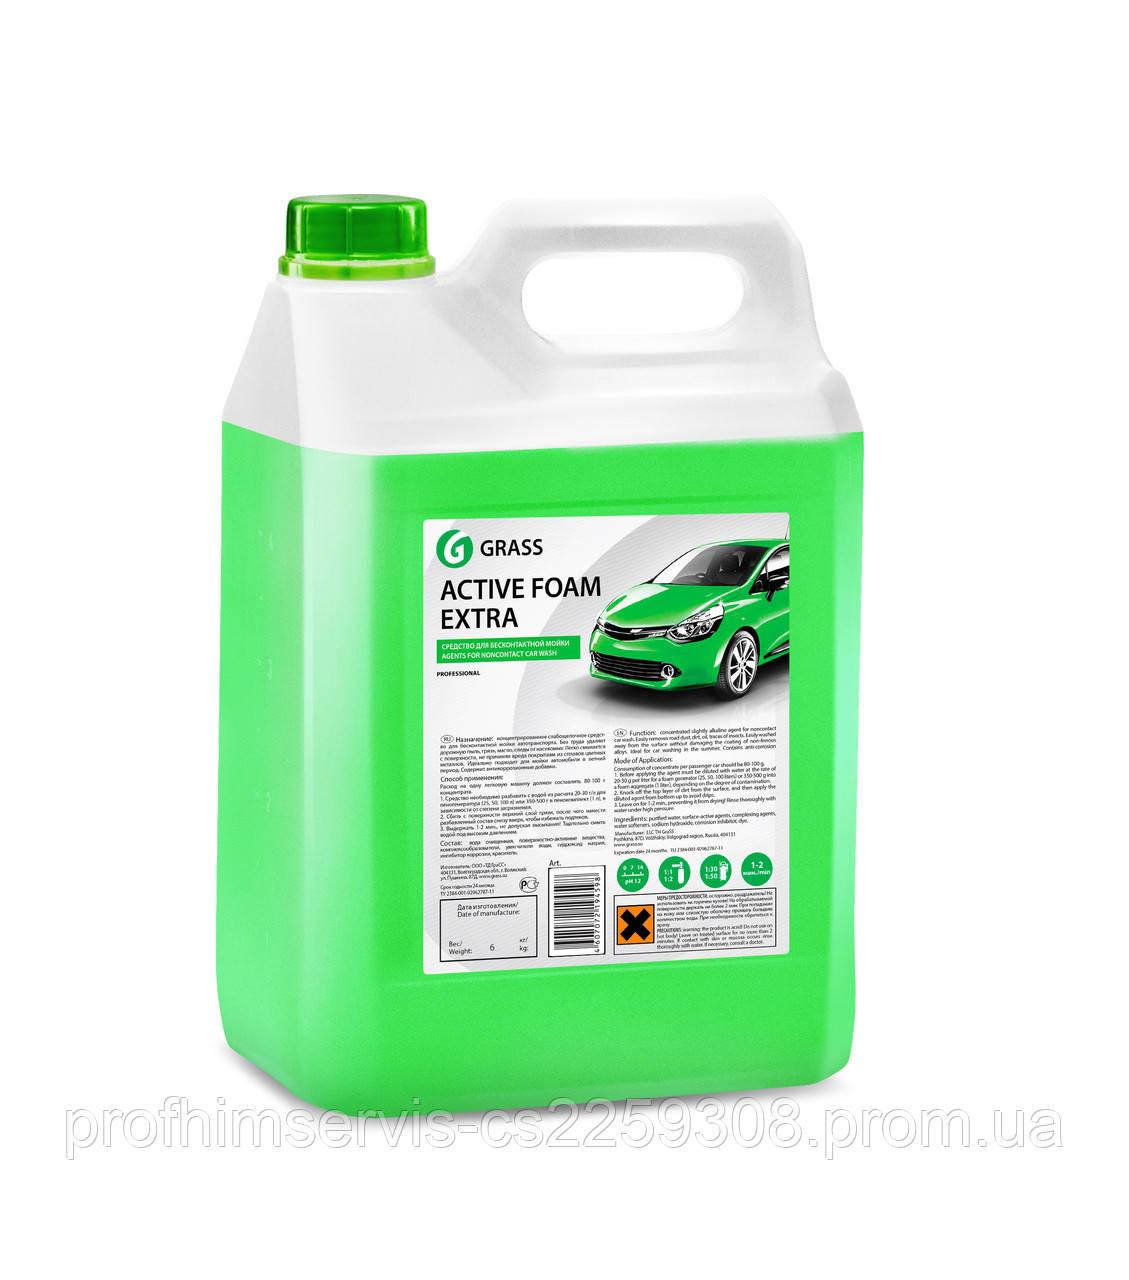 Grass Бесконтактный автошампунь Active Foam Extra 6 kg.